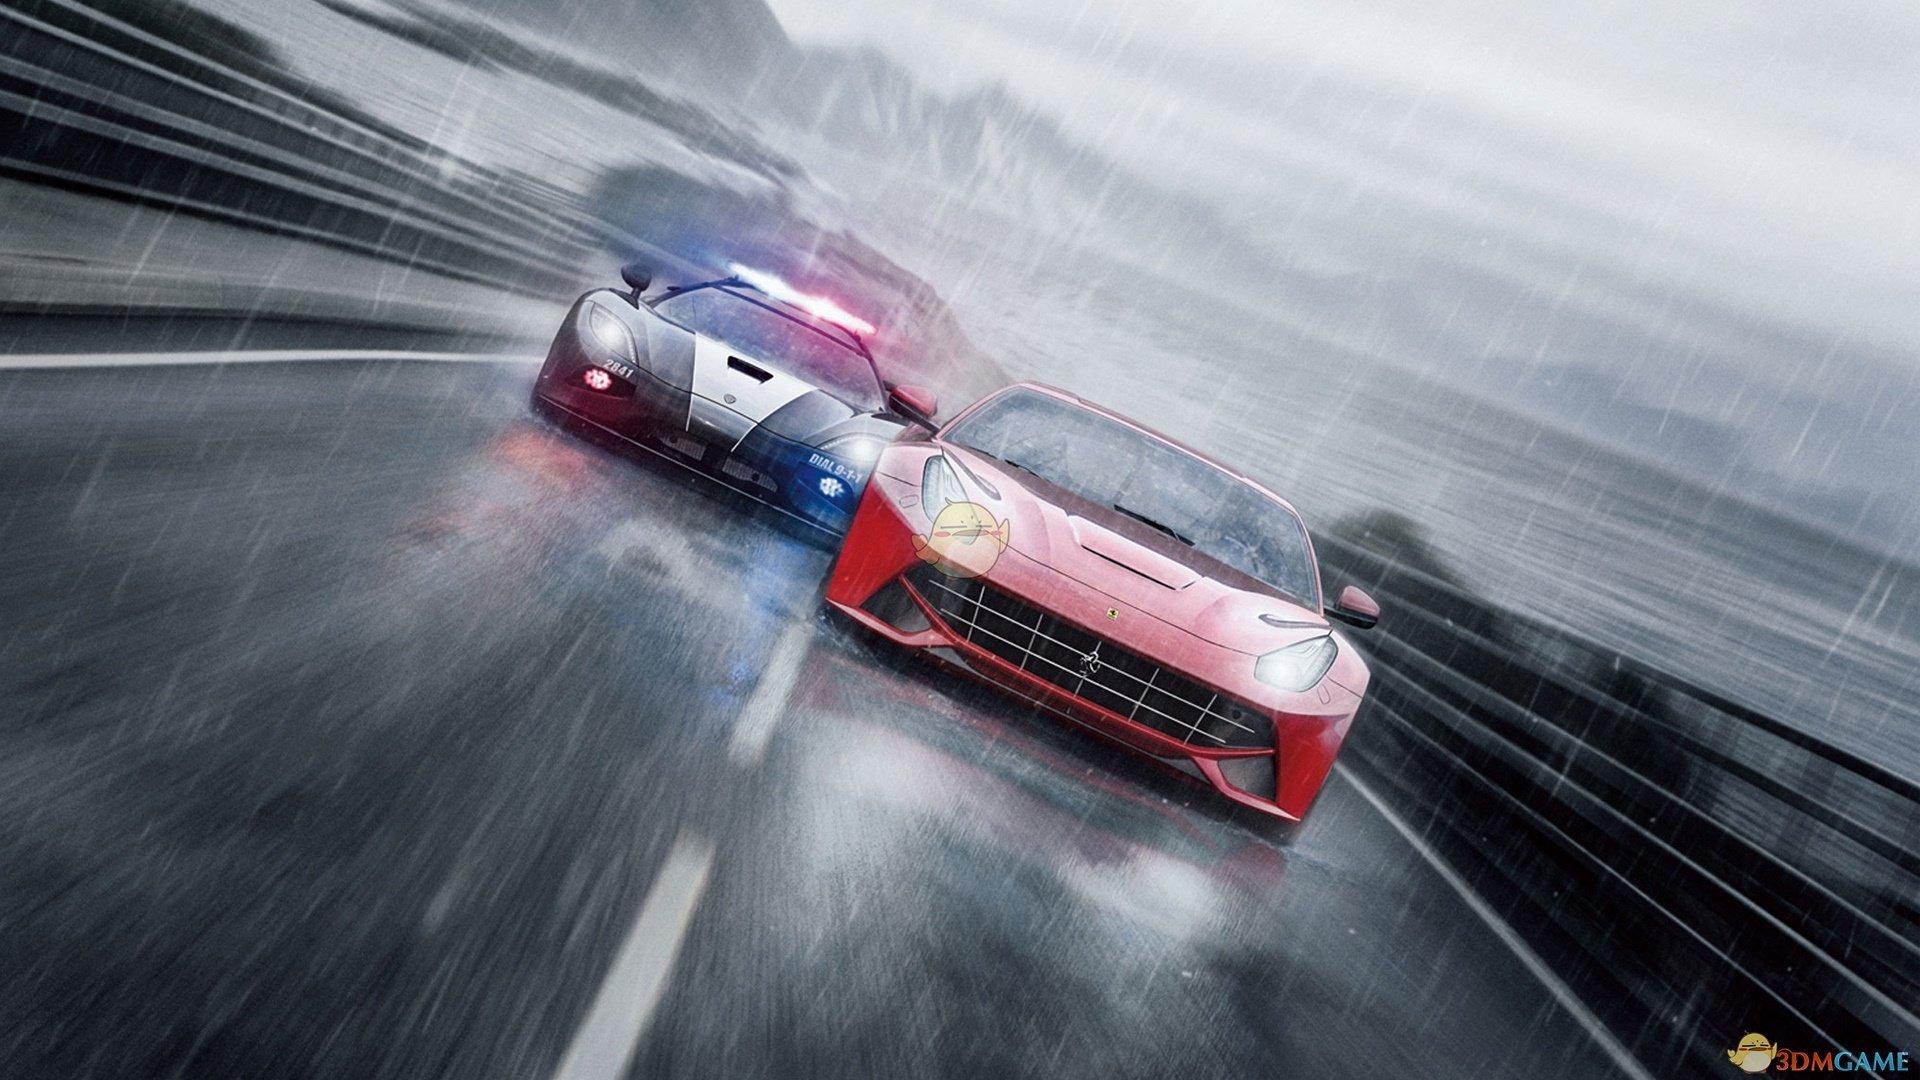 释放内心的压力,来一场紧张刺激的速度对决!盘点一些好玩的赛车竞速手游